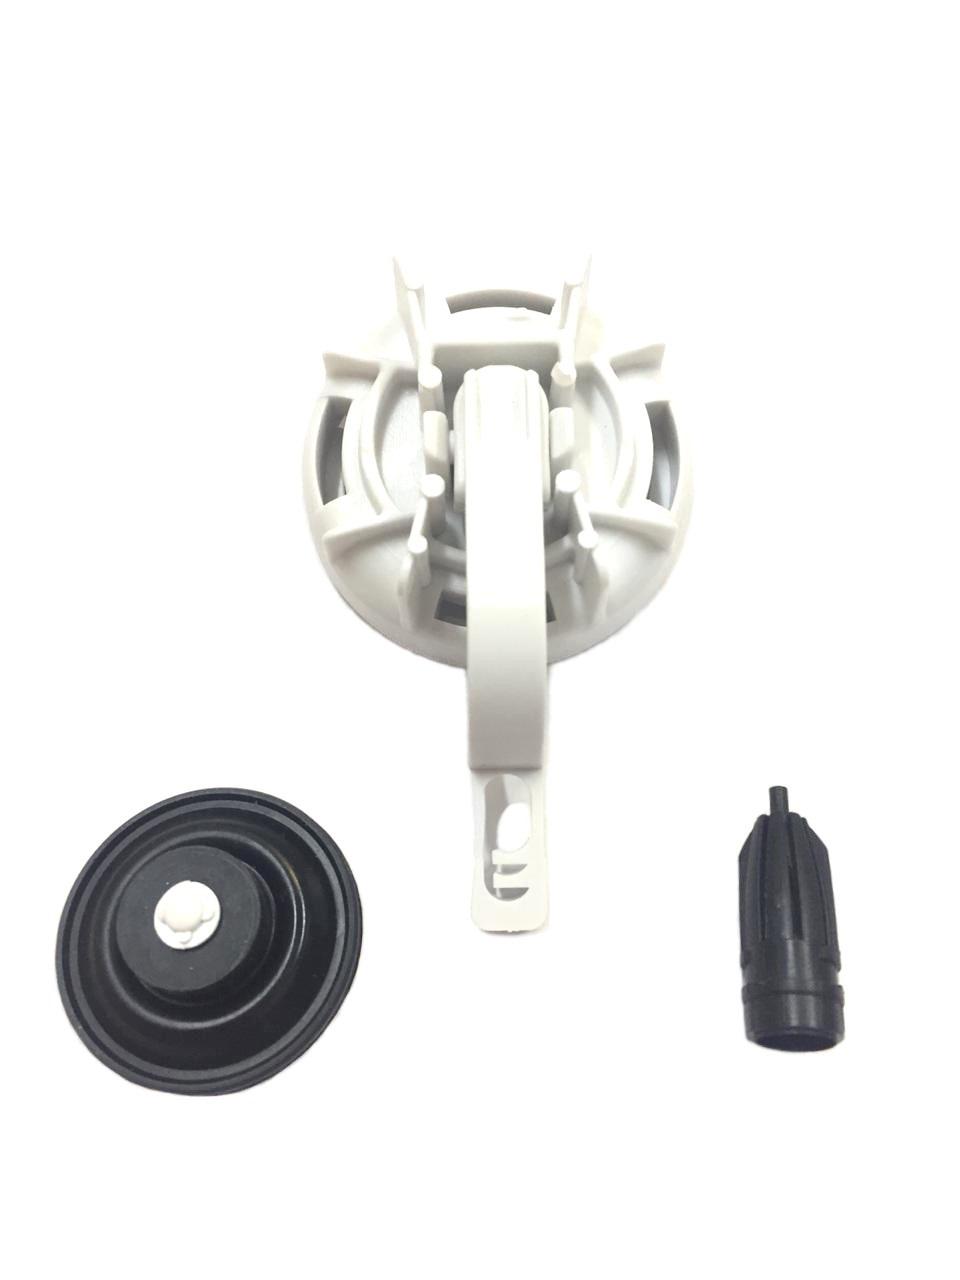 Ремонтный комплект заливного клапана Ideal Standard